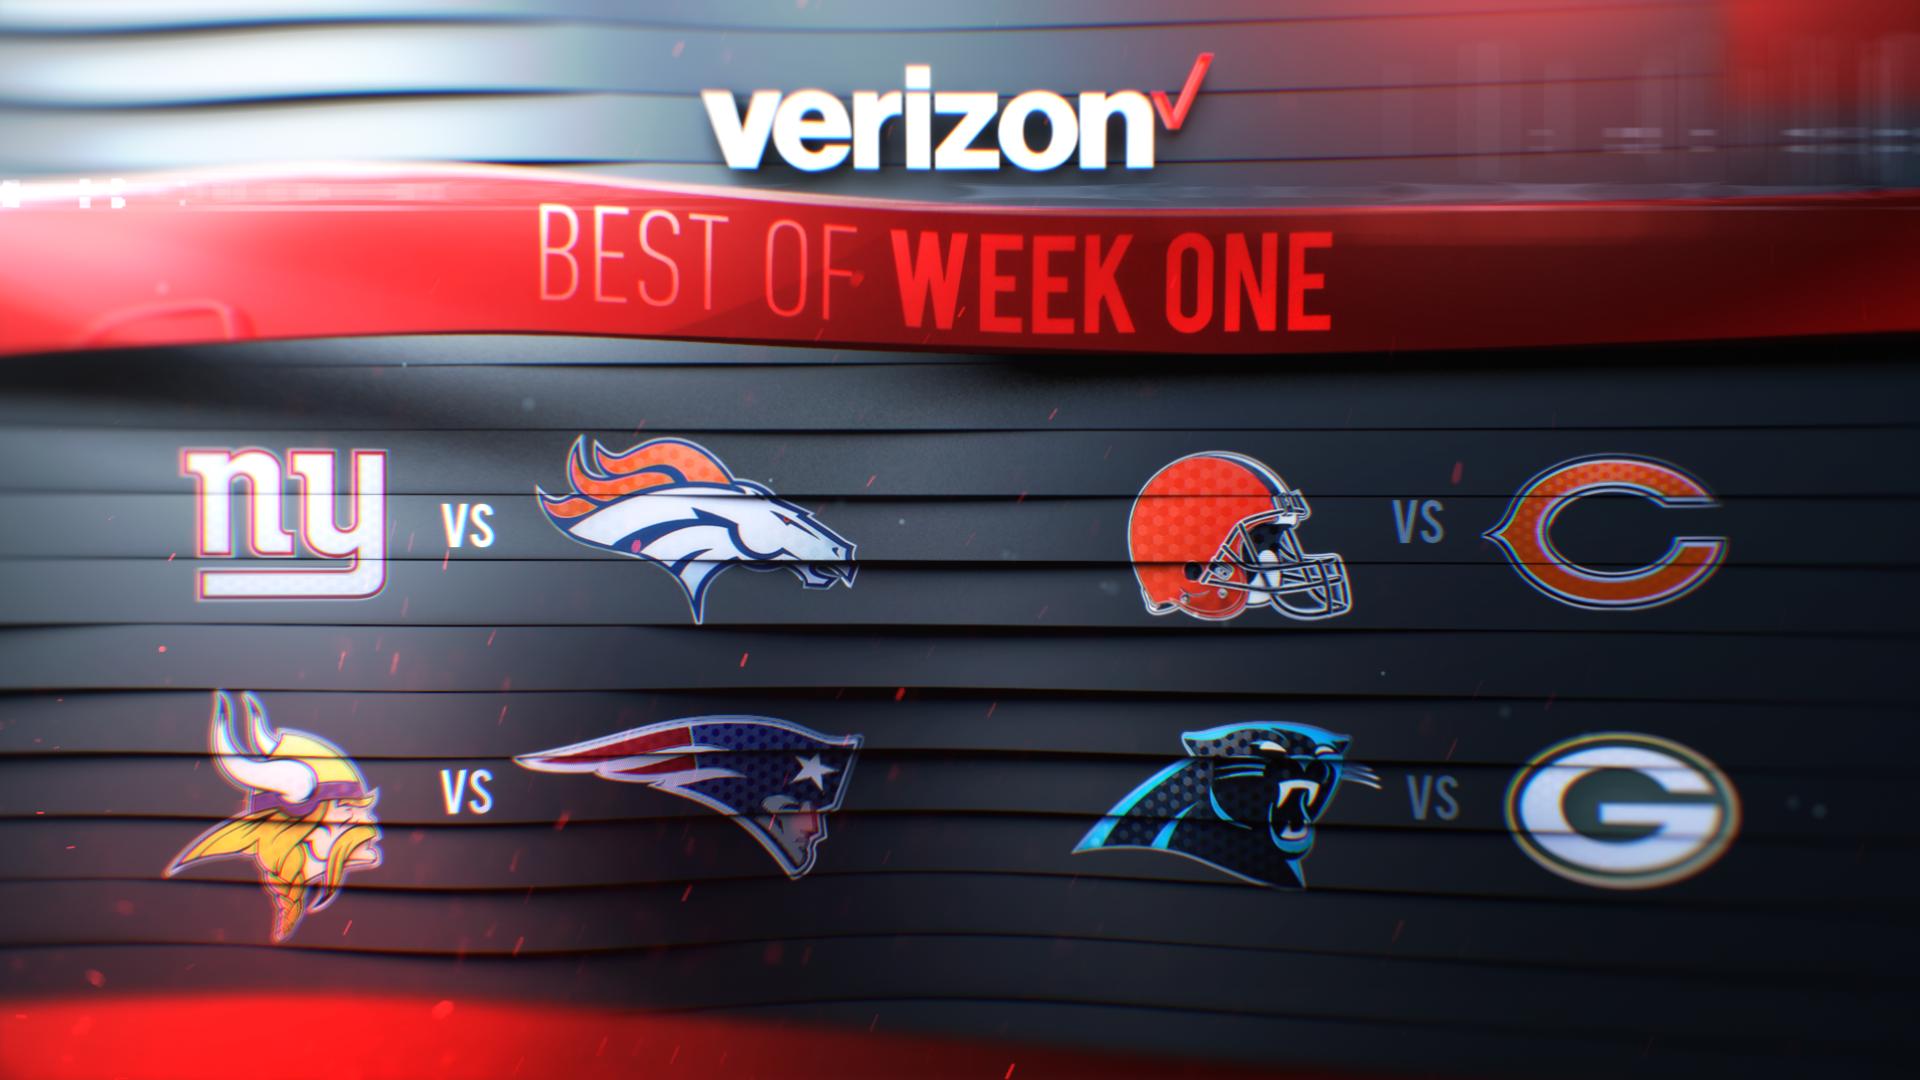 _Verizon_BestOfWeek_Preview_v2.png